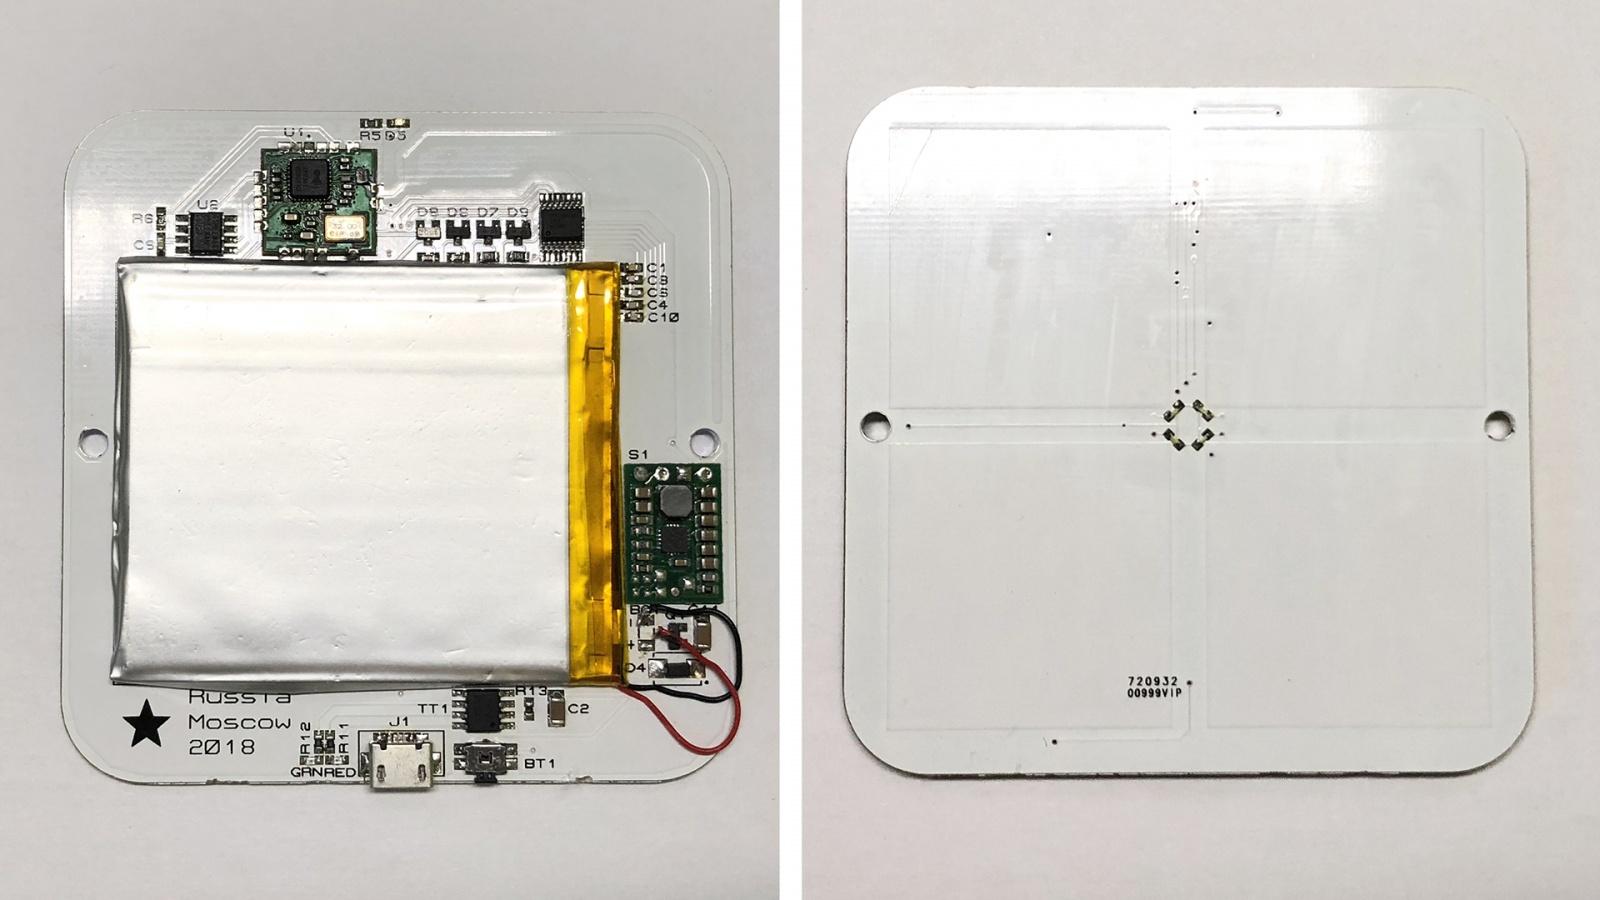 Разработка сенсорного Z-Wave выключателя на аккумуляторе со светящимися кнопками - 6